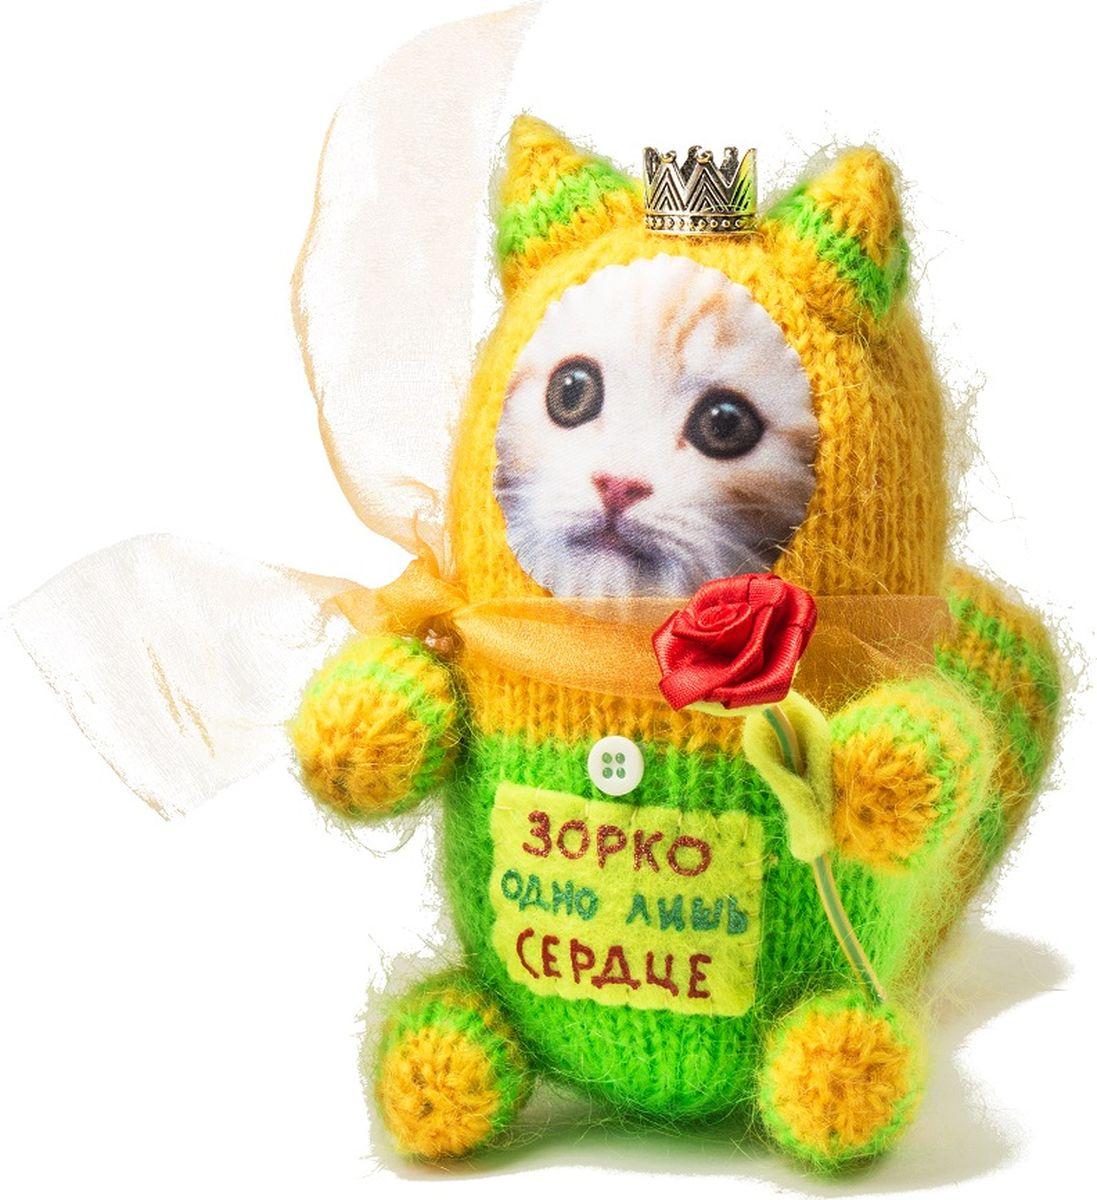 Мягкая игрушка Бюро находок  Котик. Зоркое сердце , цвет: зеленый, желтый - Мягкие игрушки